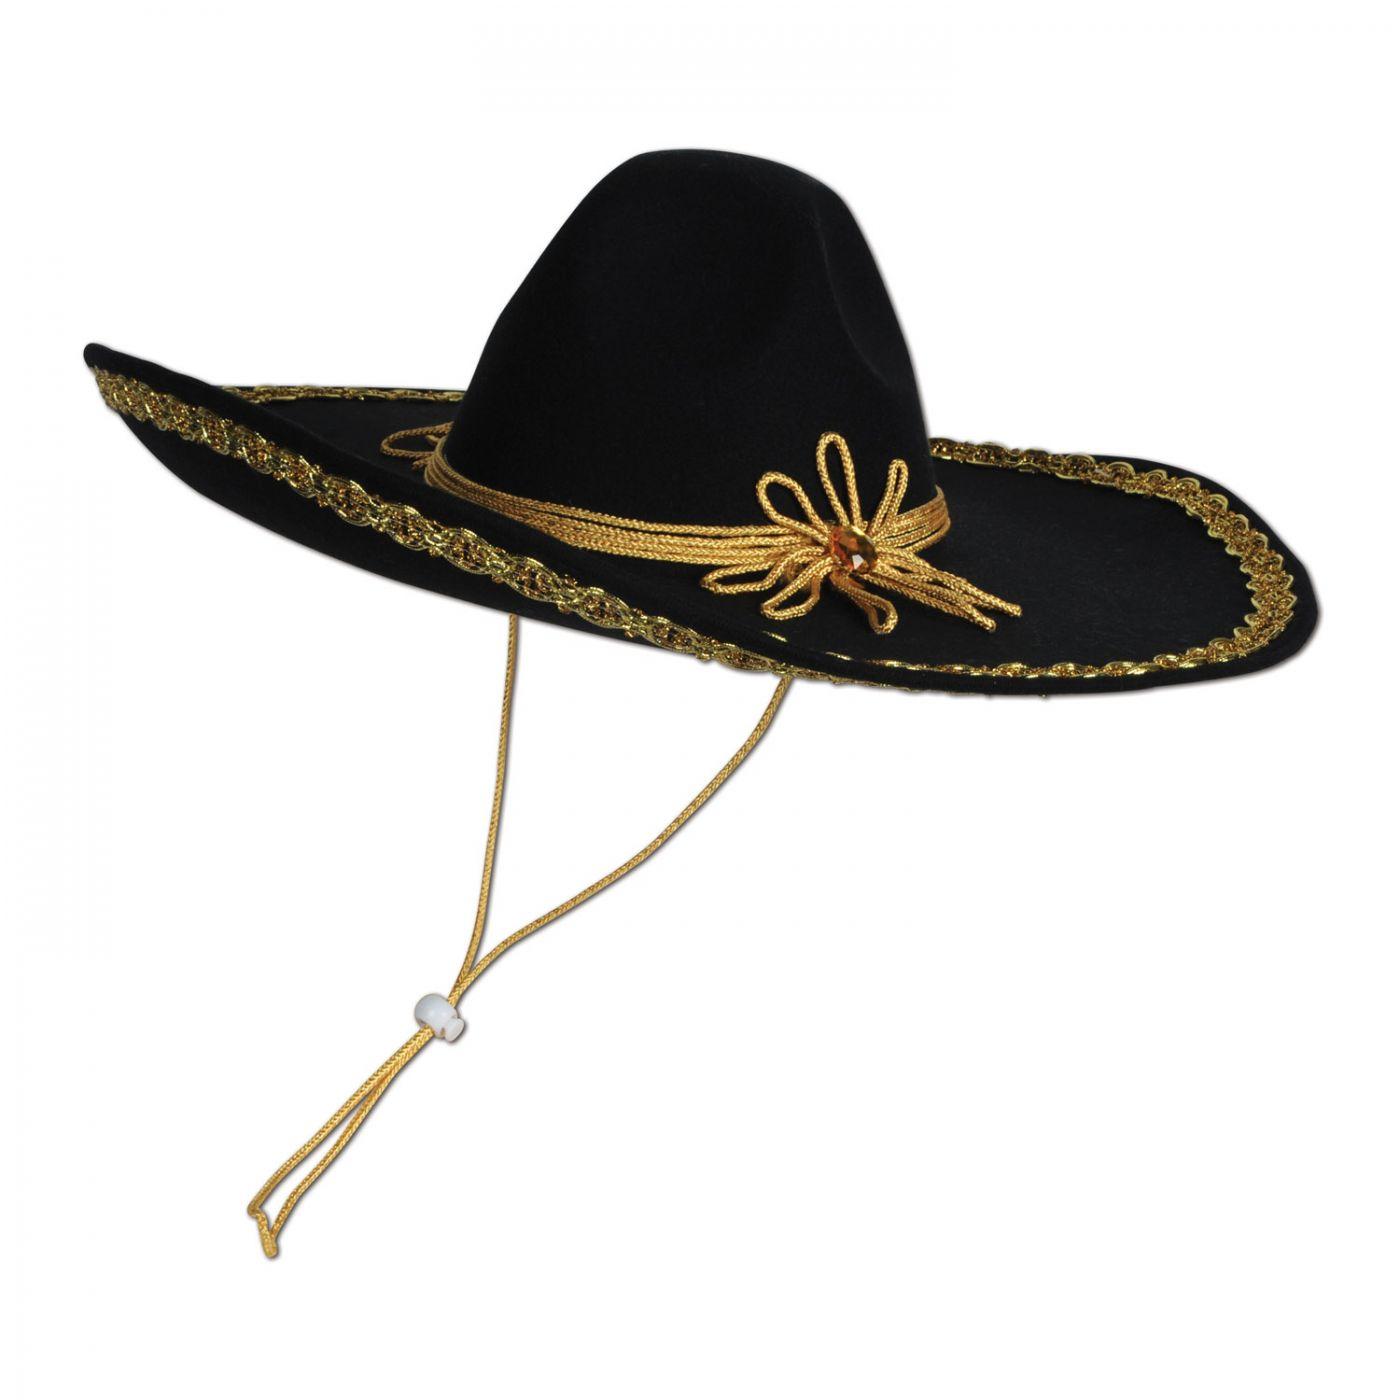 Felt Sombrero (6) image